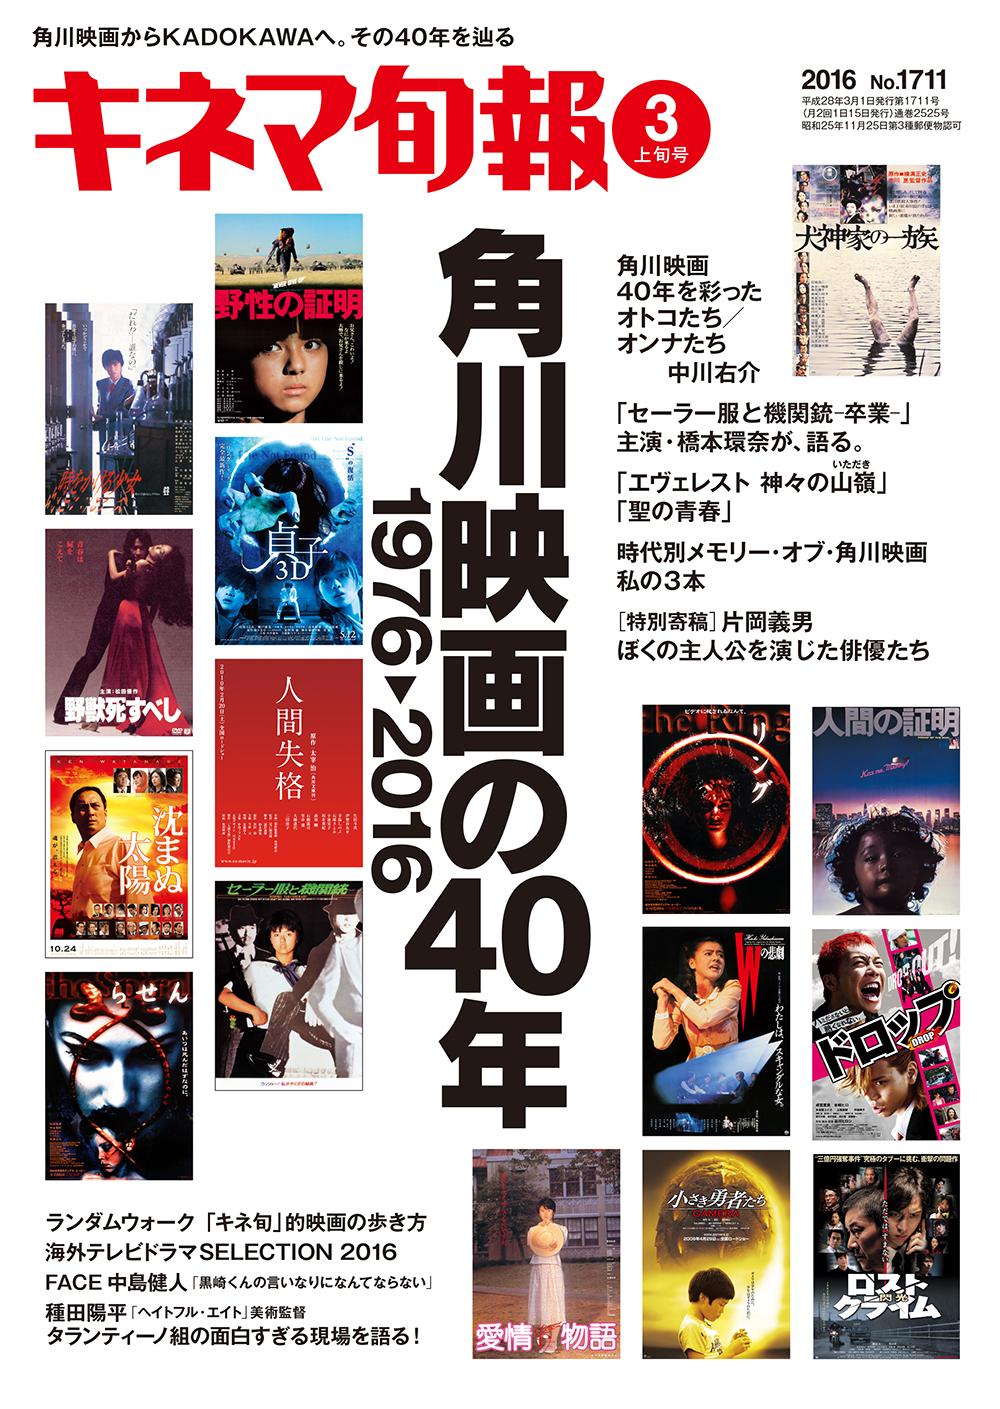 キネマ旬報 2016年3月上旬号(No.1711)